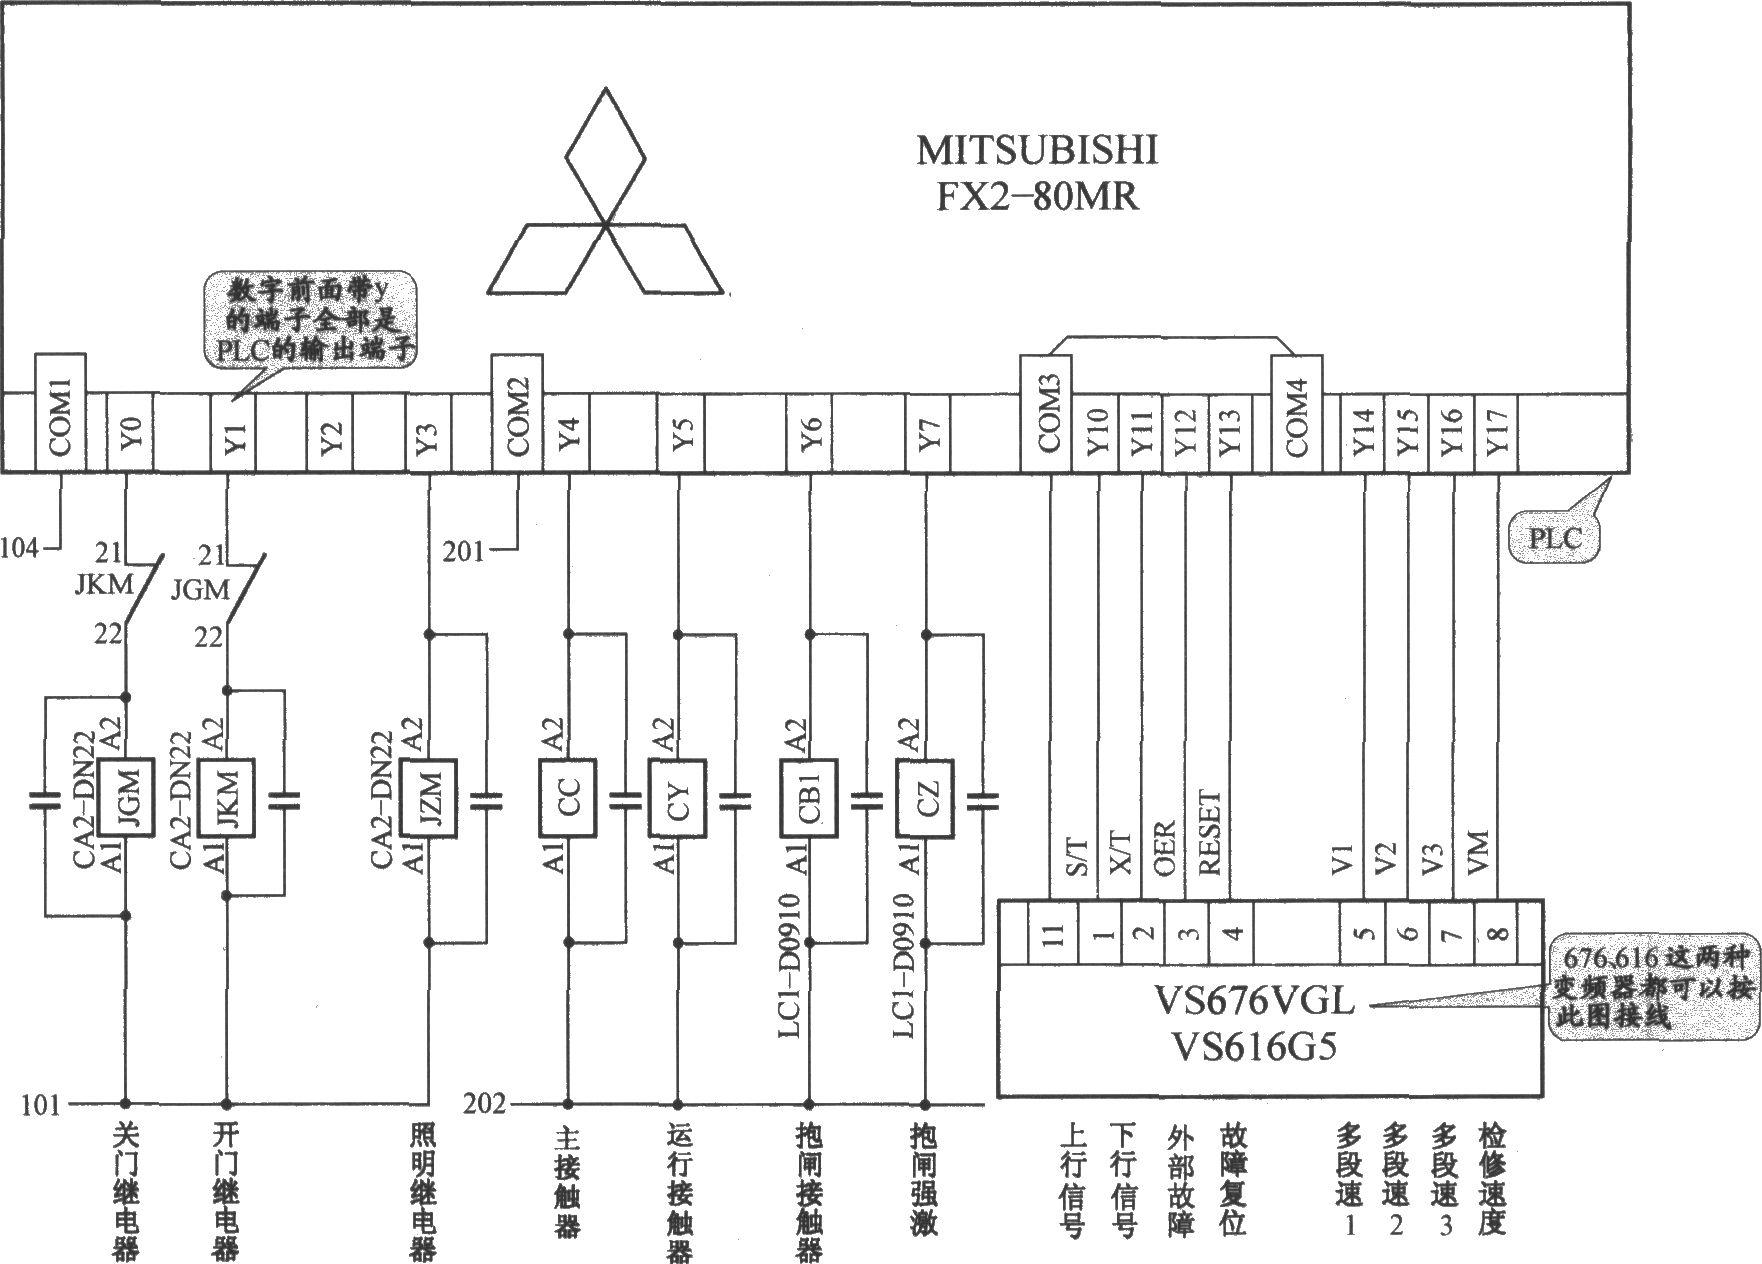 松下a4系列伺服驱动器接线图 德国佛朗克软启动接线图 三菱fr-f540